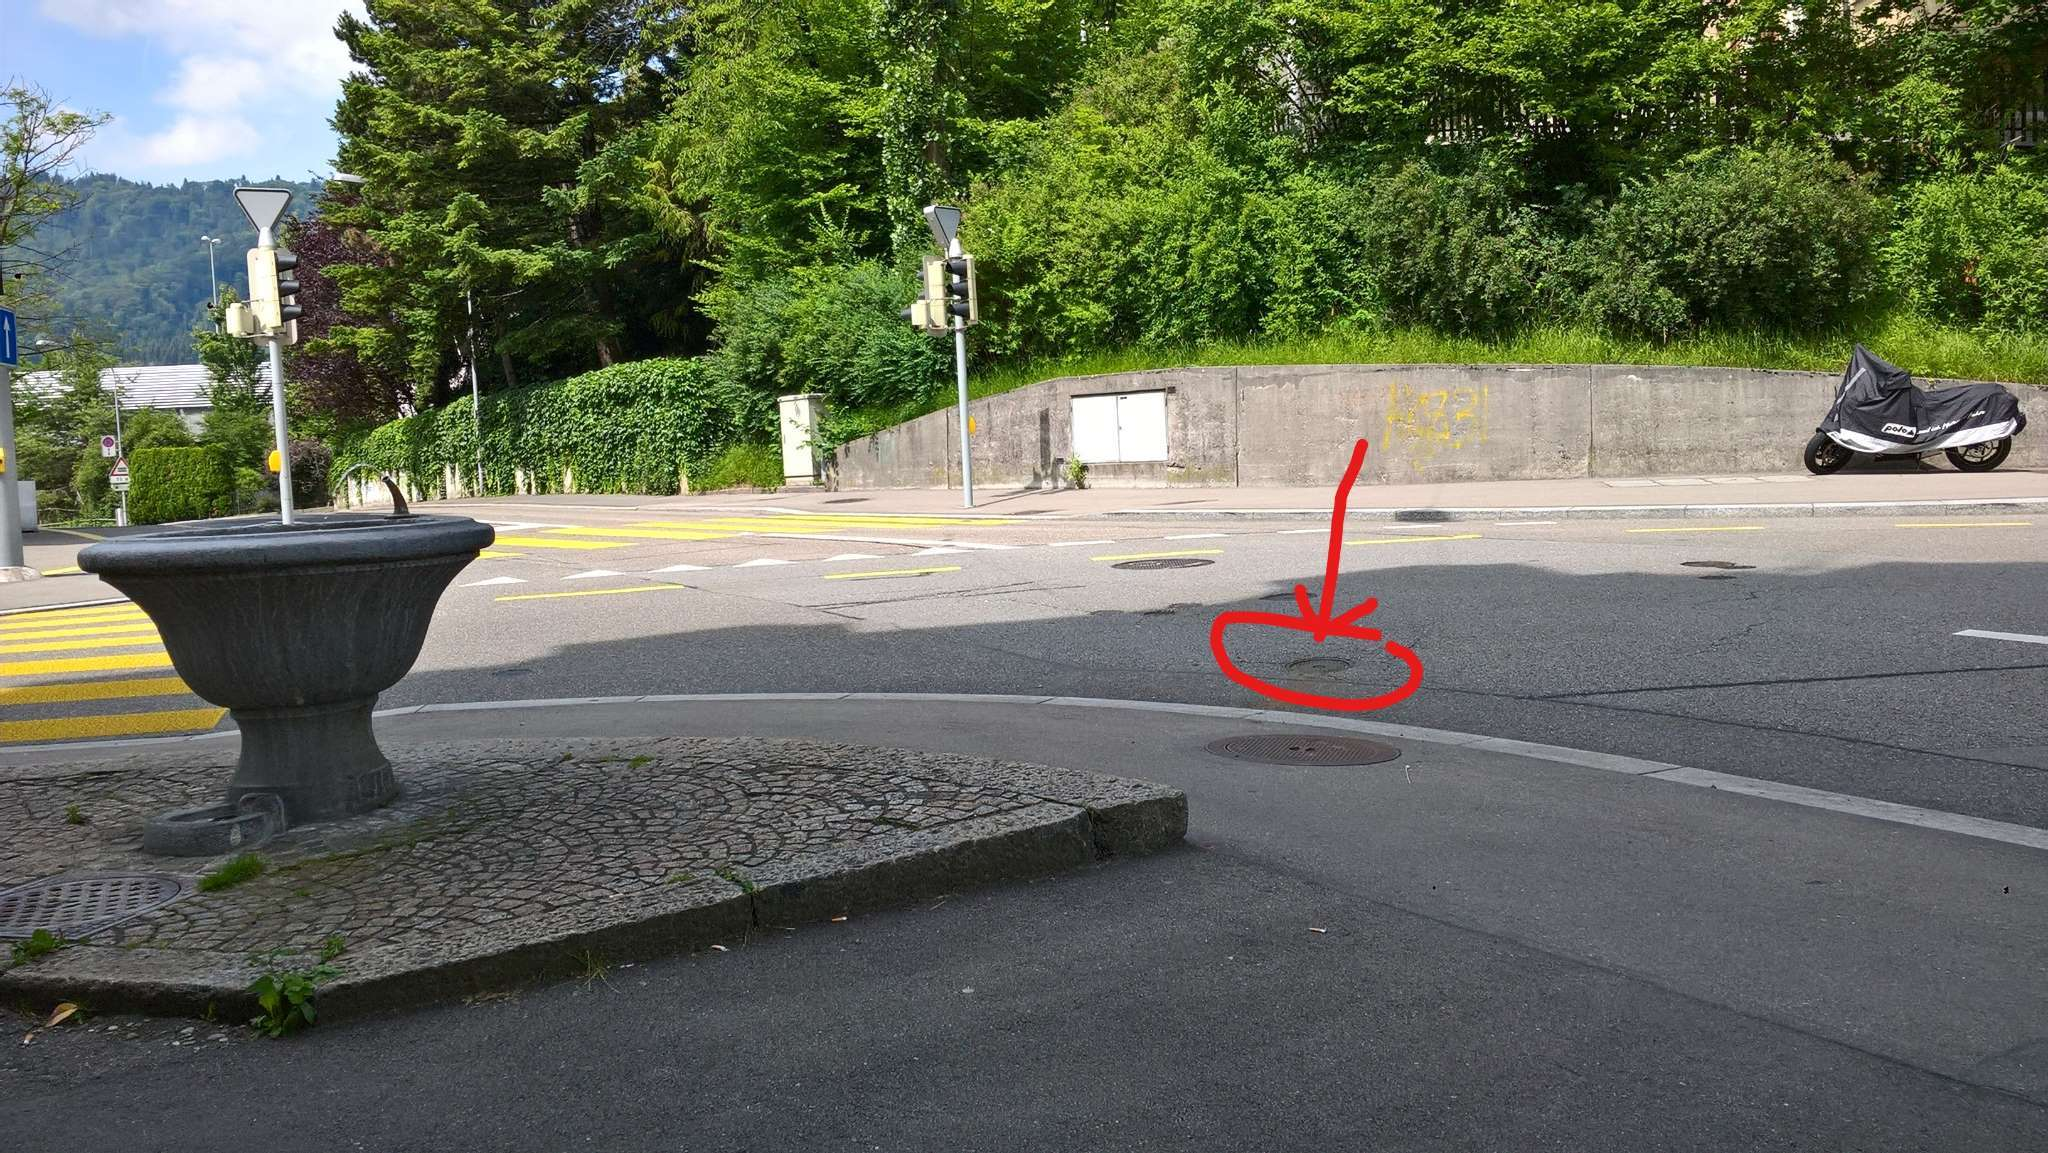 Nett Verkehrszeichnung Bilder - Elektrische Schaltplan-Ideen ...